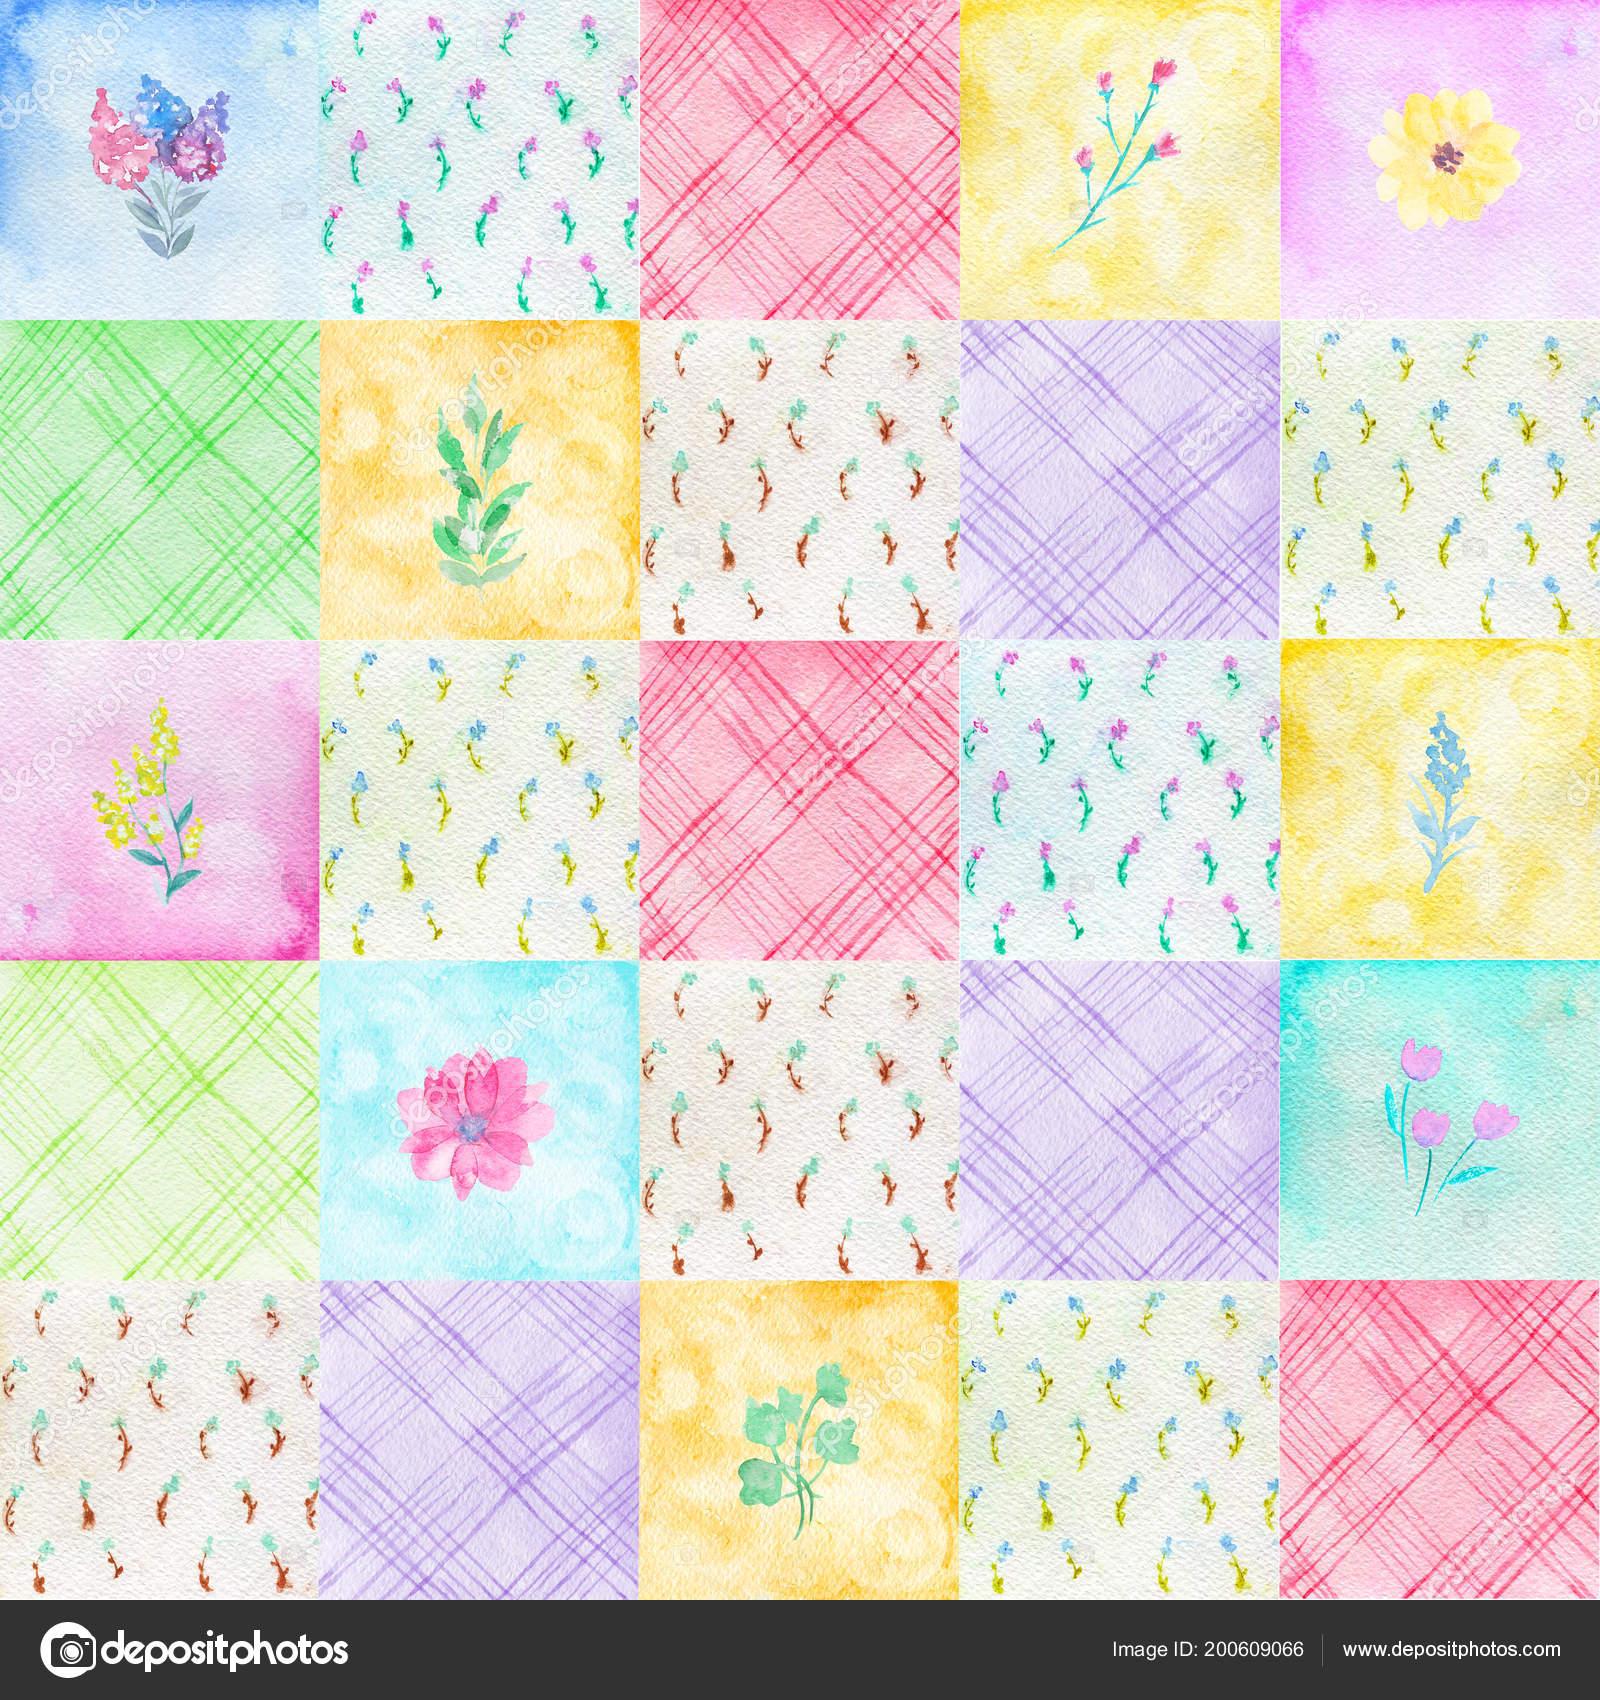 Varrat Nélküli Mintát Színes Virágok Maradékot Színes Festett Akvarell  Patchwork — Stock Fotó cdf0f06f5b